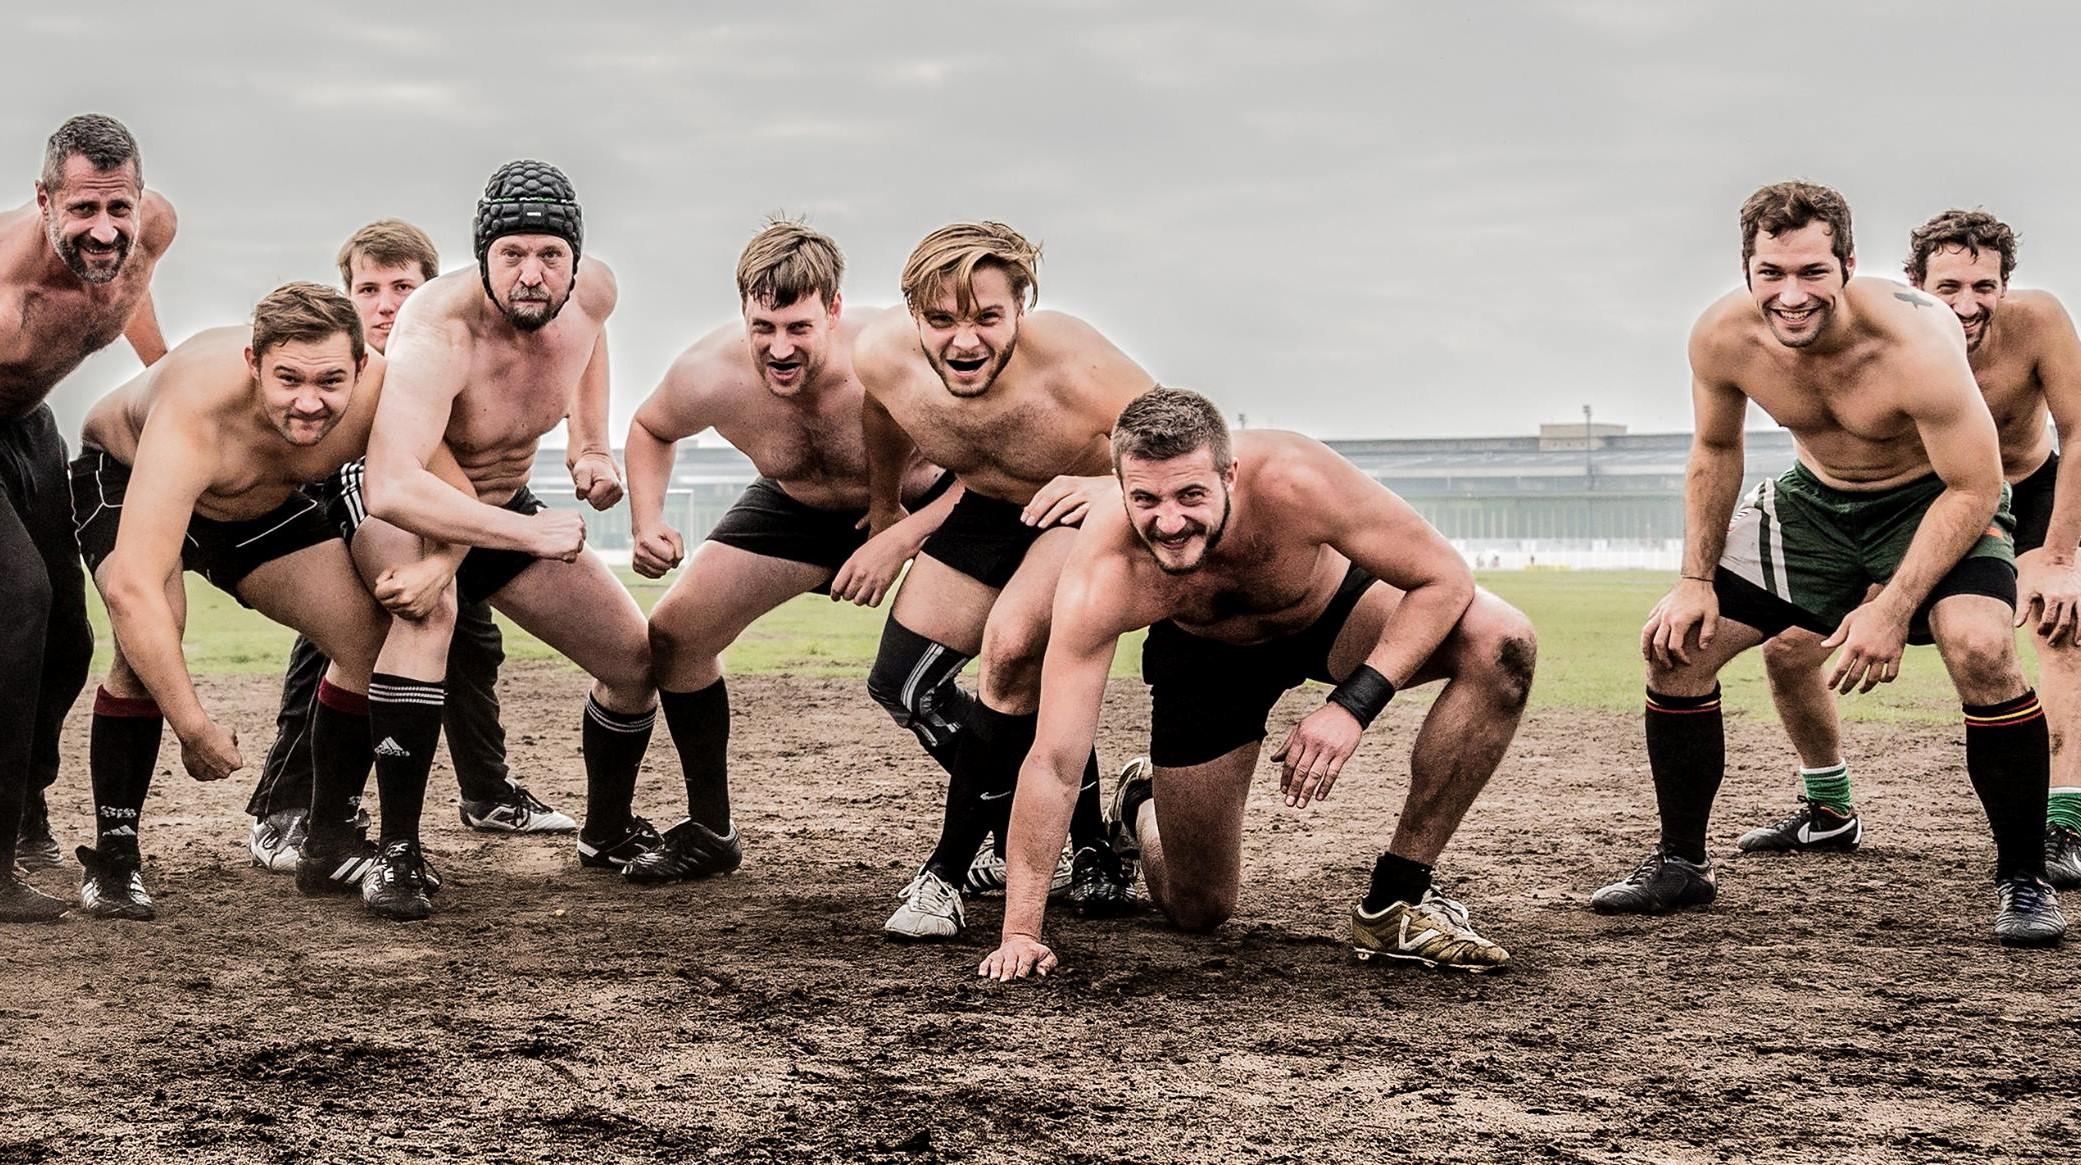 Eine Rugby-Mannschaft die gegen Vorurteile aufs Spielfeld geht